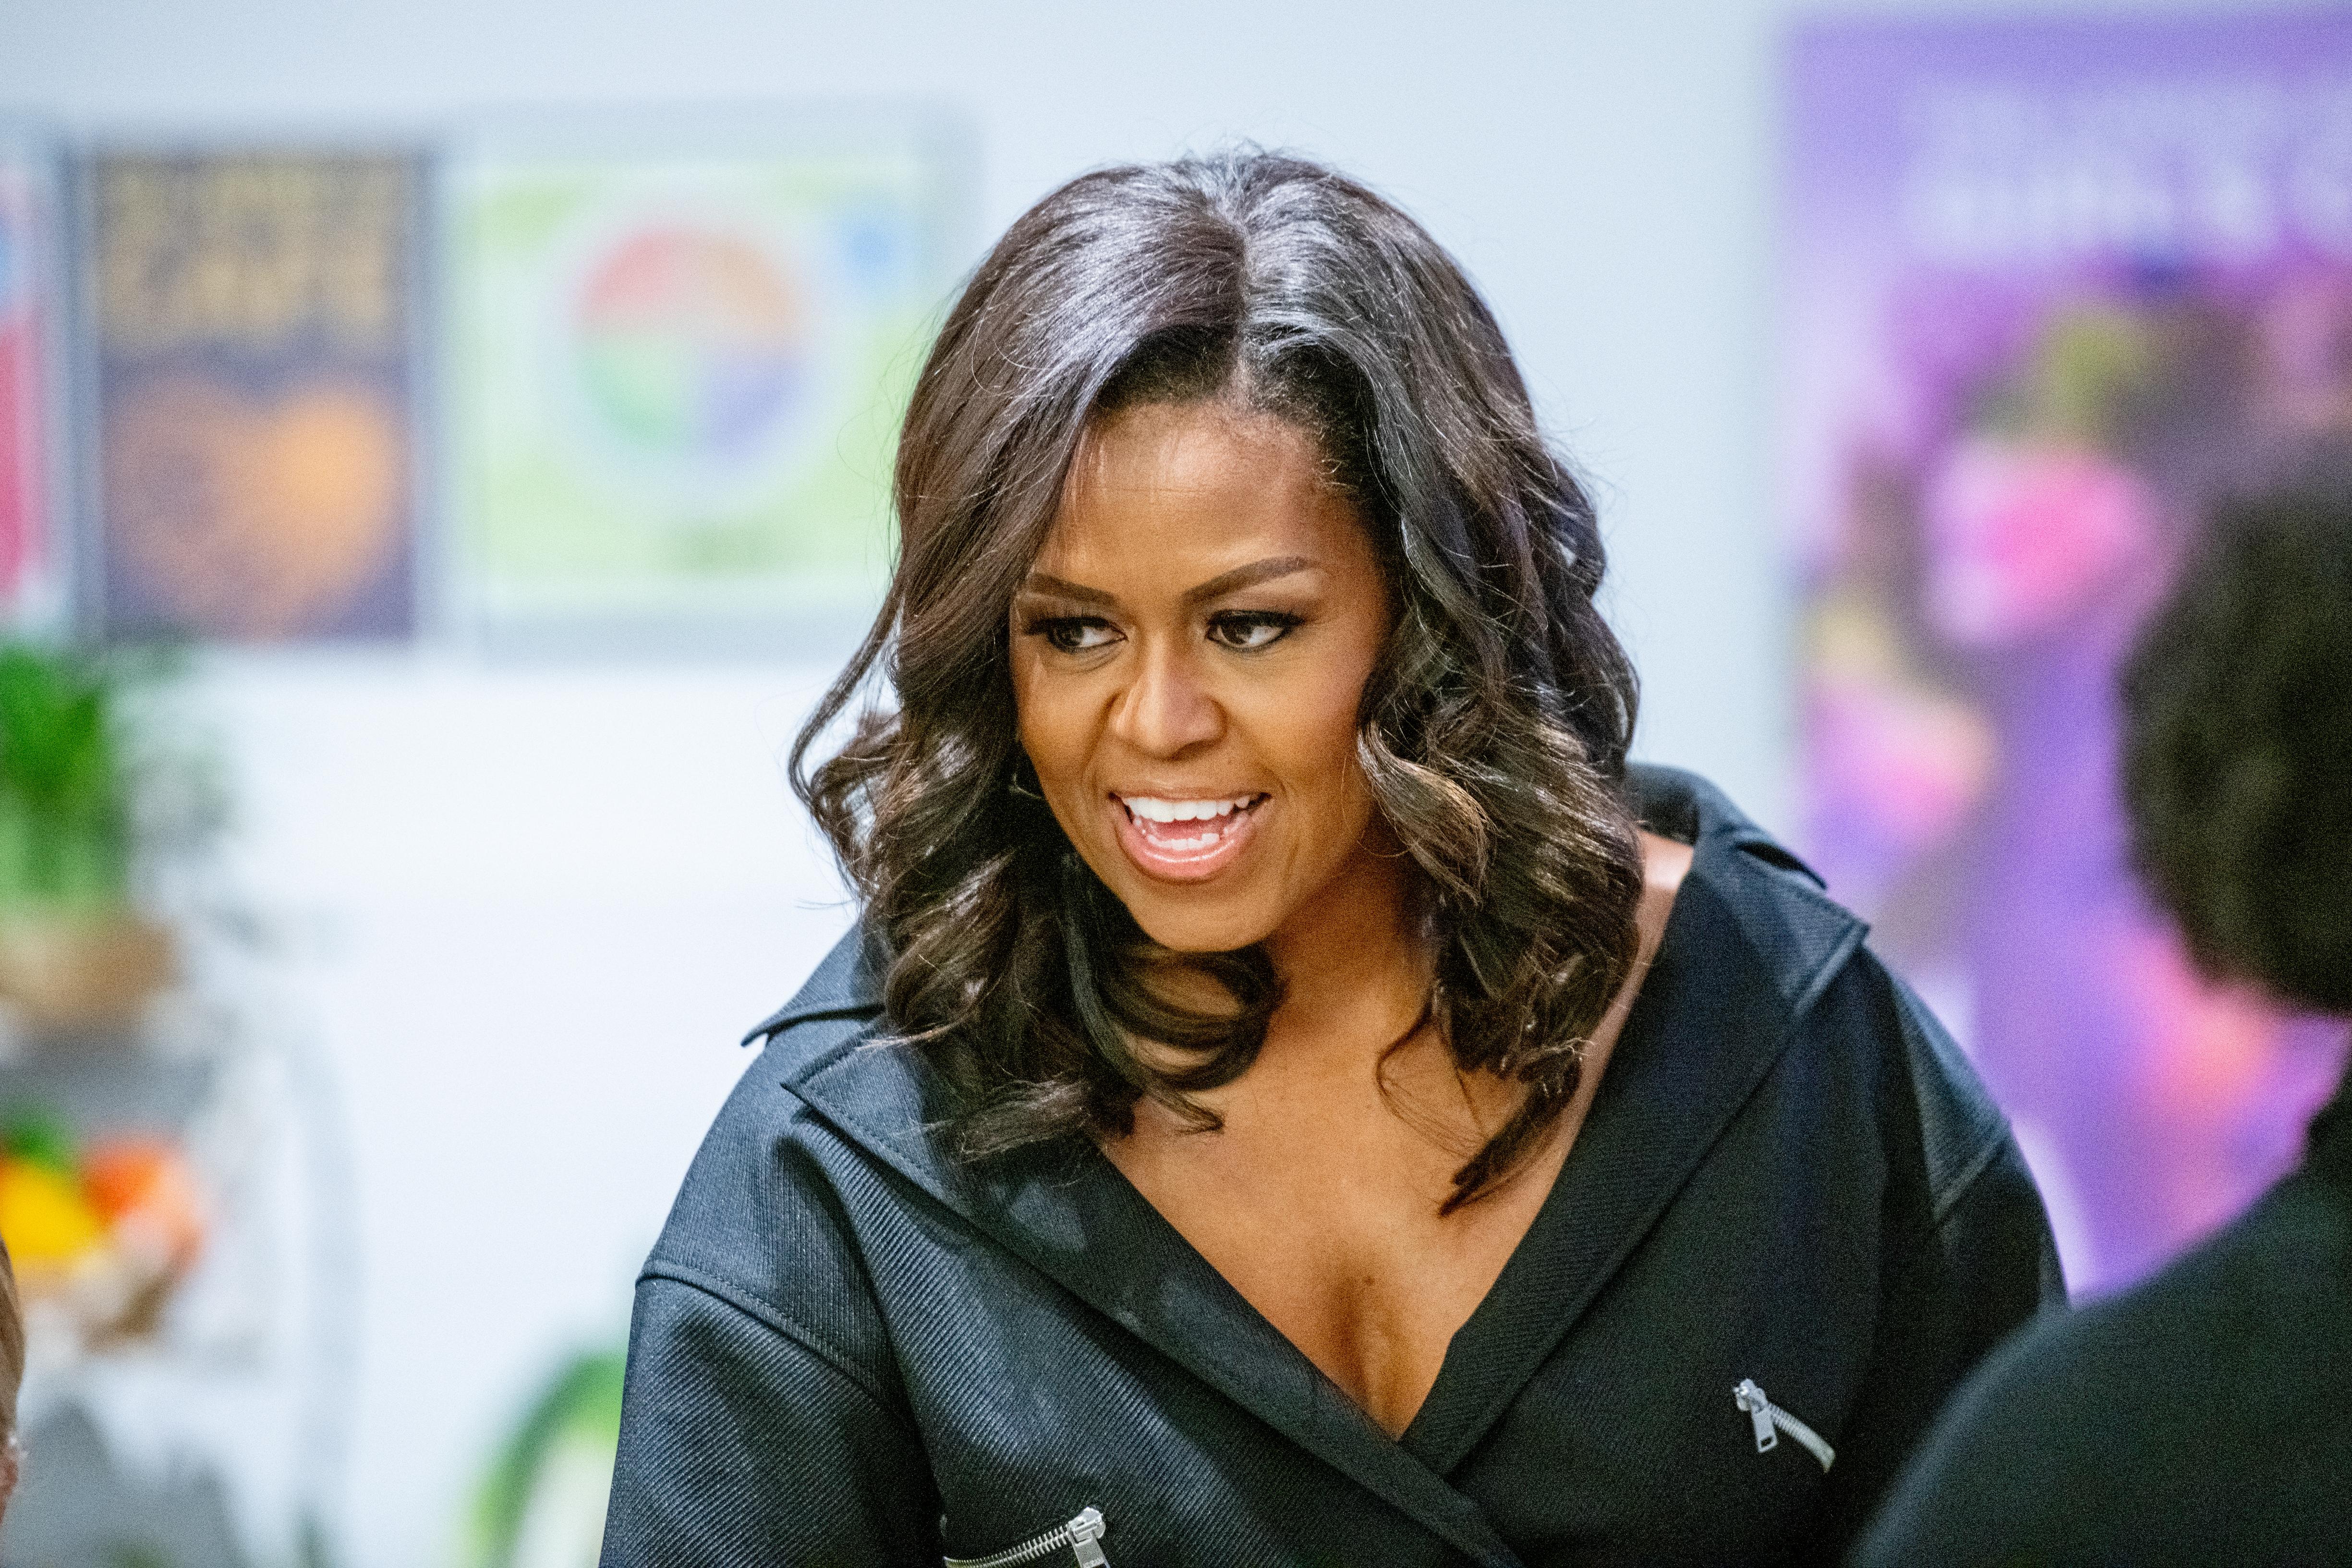 Мишел Обама е една от най-обичаните първи дами на САЩ. Тя е и първата цветнокожа жена, съпруга на президента на Щатите. По професия Мишел е адвокат.